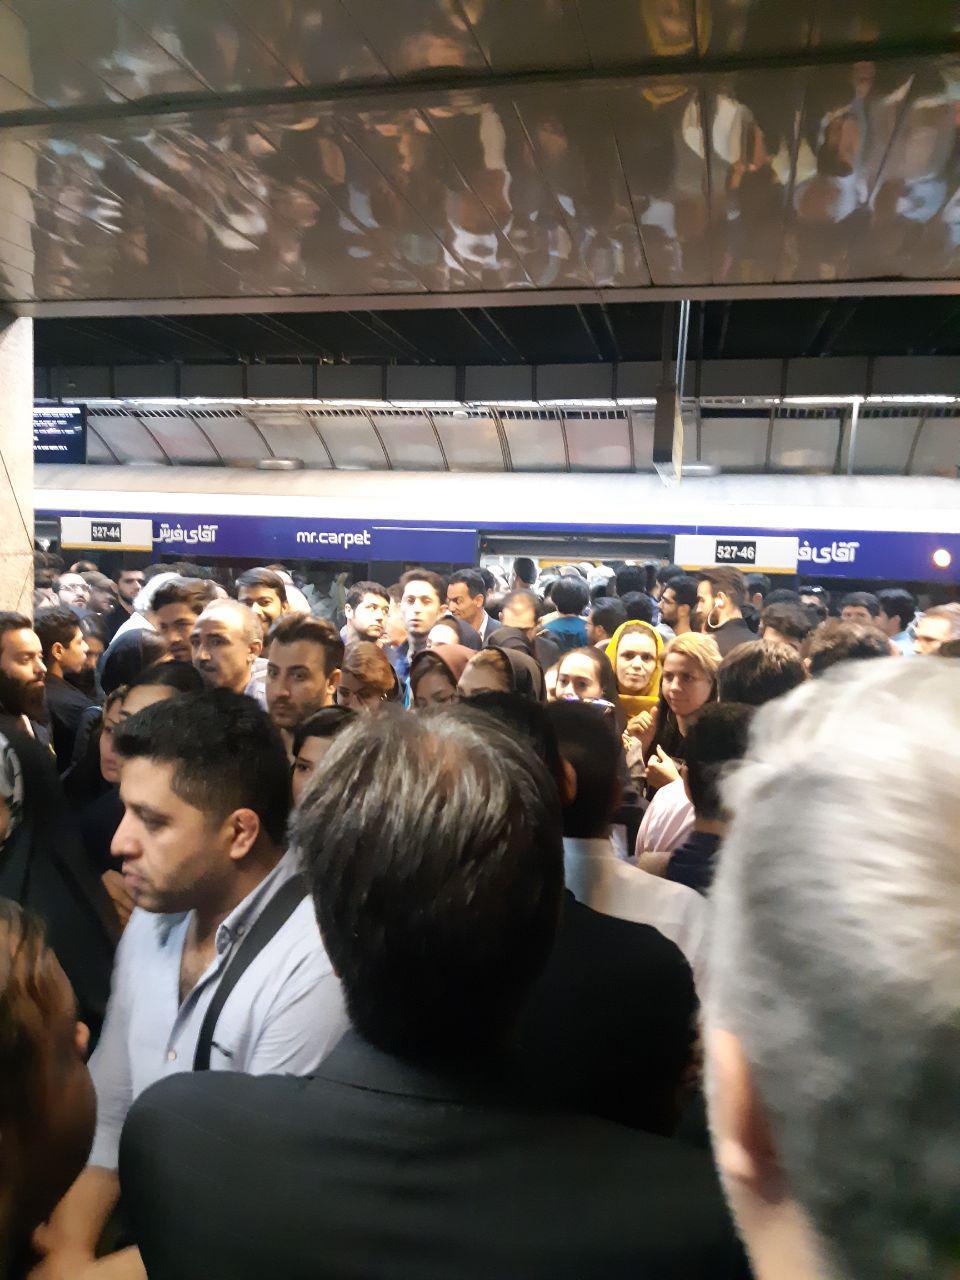 ازدحام بیش از حد مسافران در ایستگاه مترو دروازه دولت